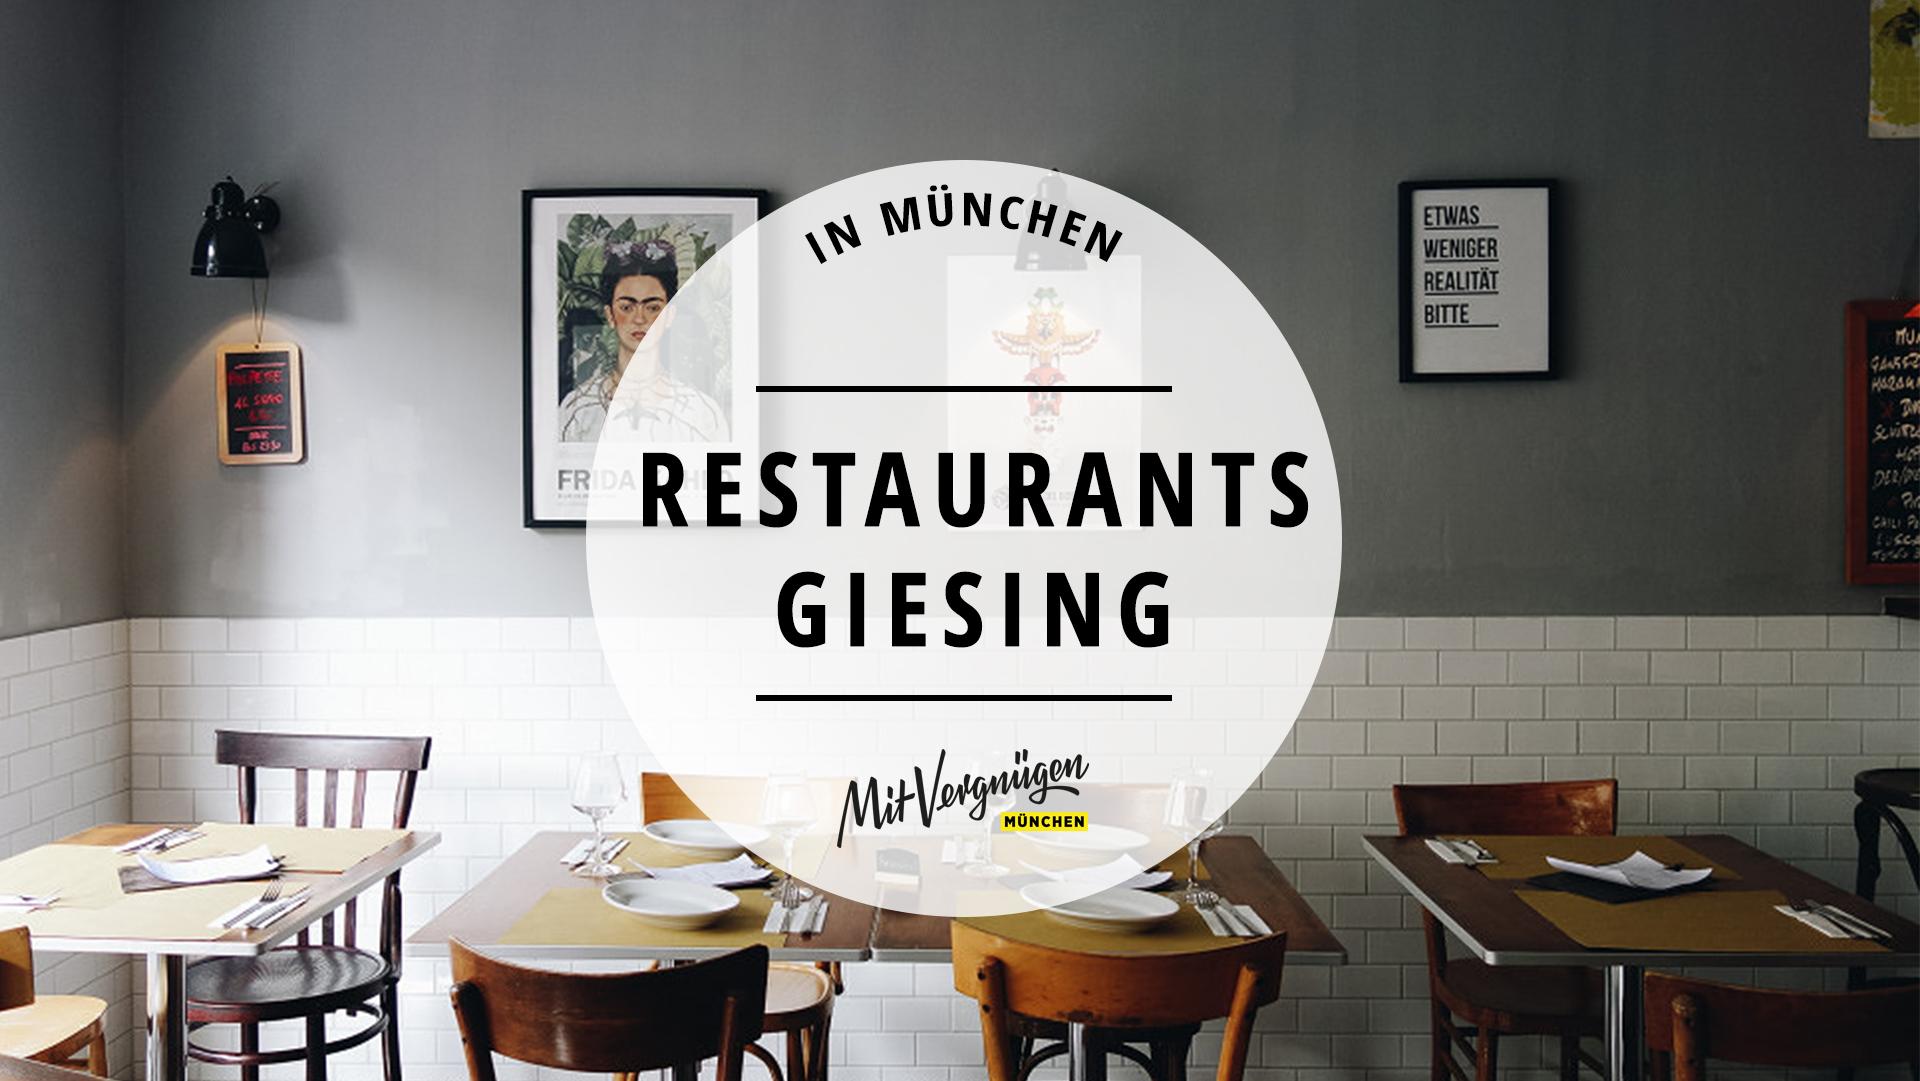 11 richtig gute restaurants in giesing die ihr kennen solltet mit